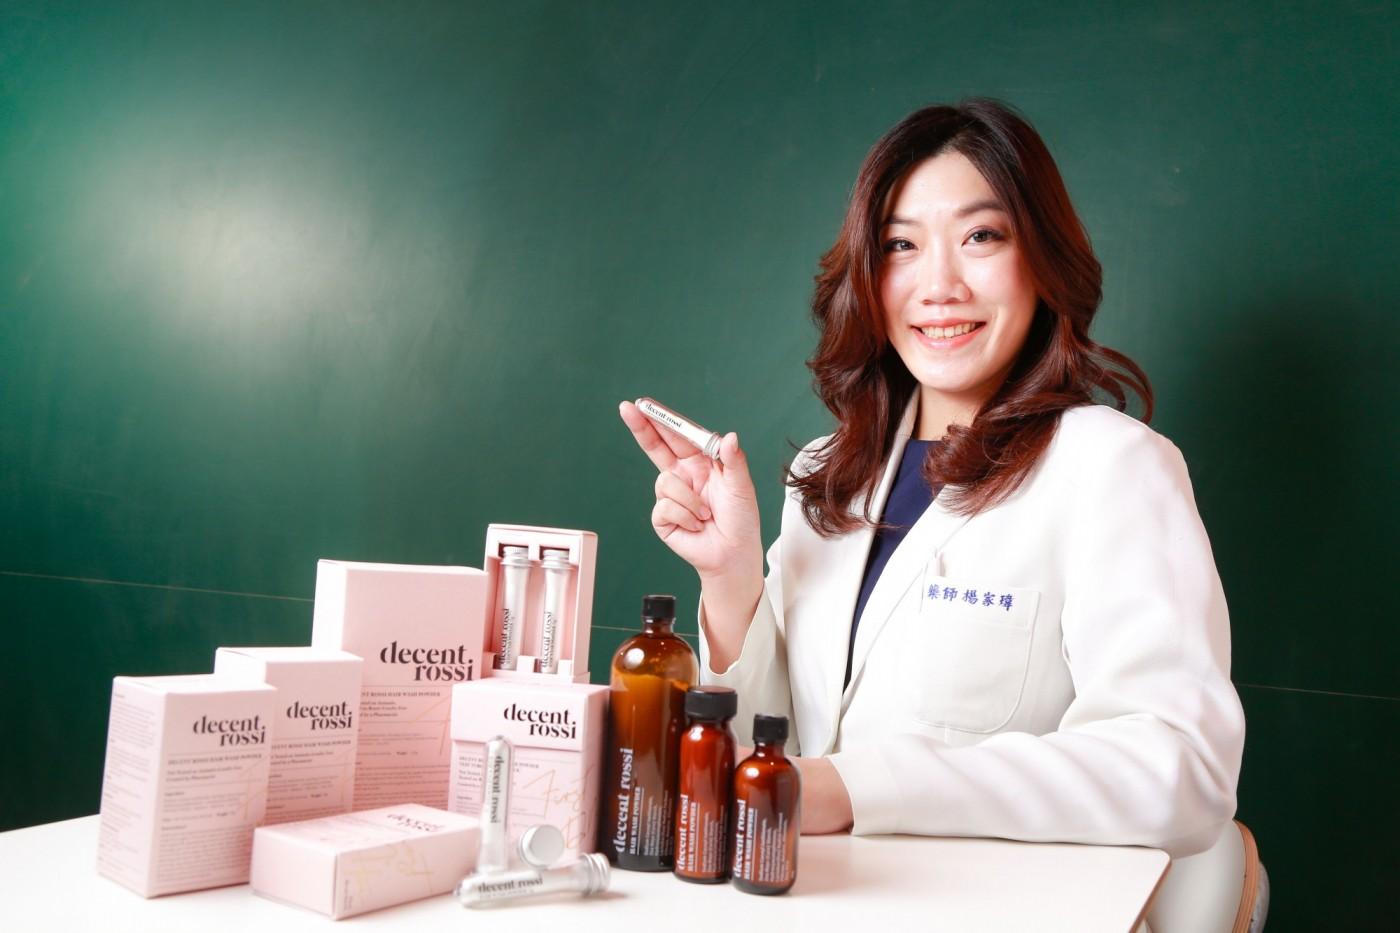 正確清潔是預防醫學的第一步!Decent Rossi開發潔髮蜜粉誓言當敏弱肌守護者